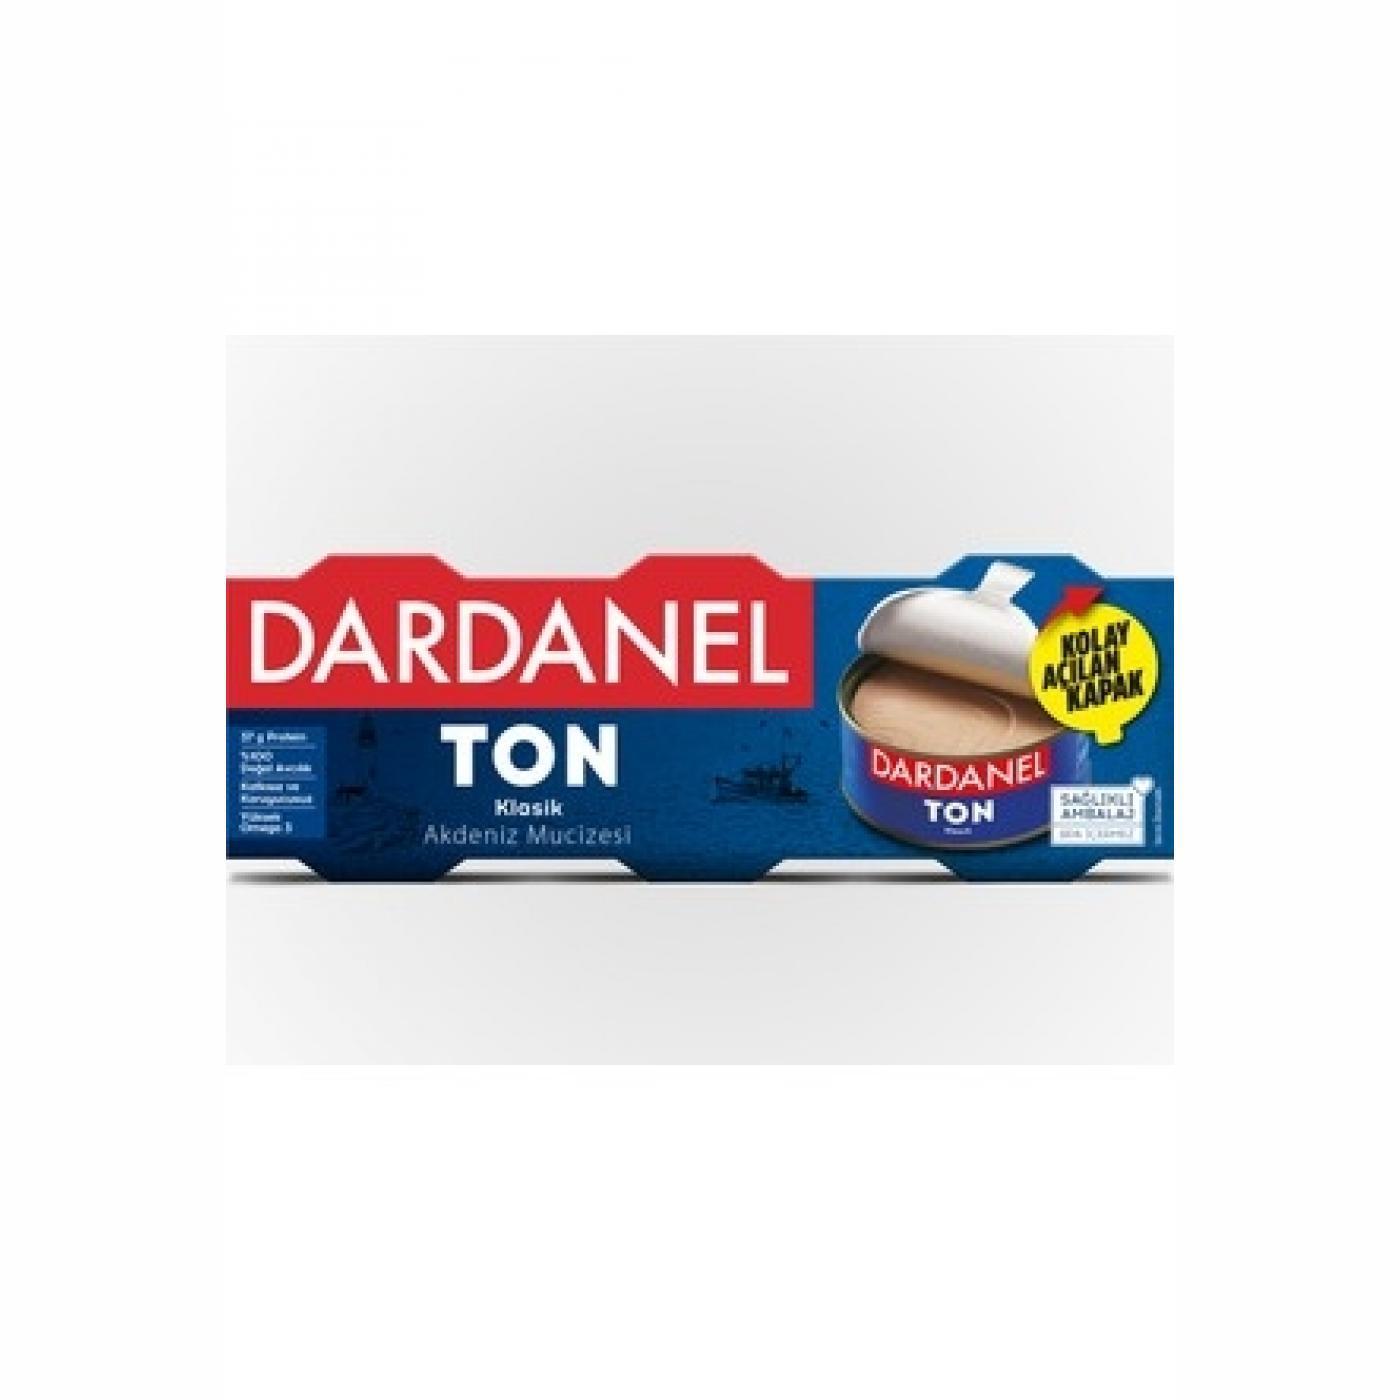 DARDANEL TON BALIĞI 150GR*3